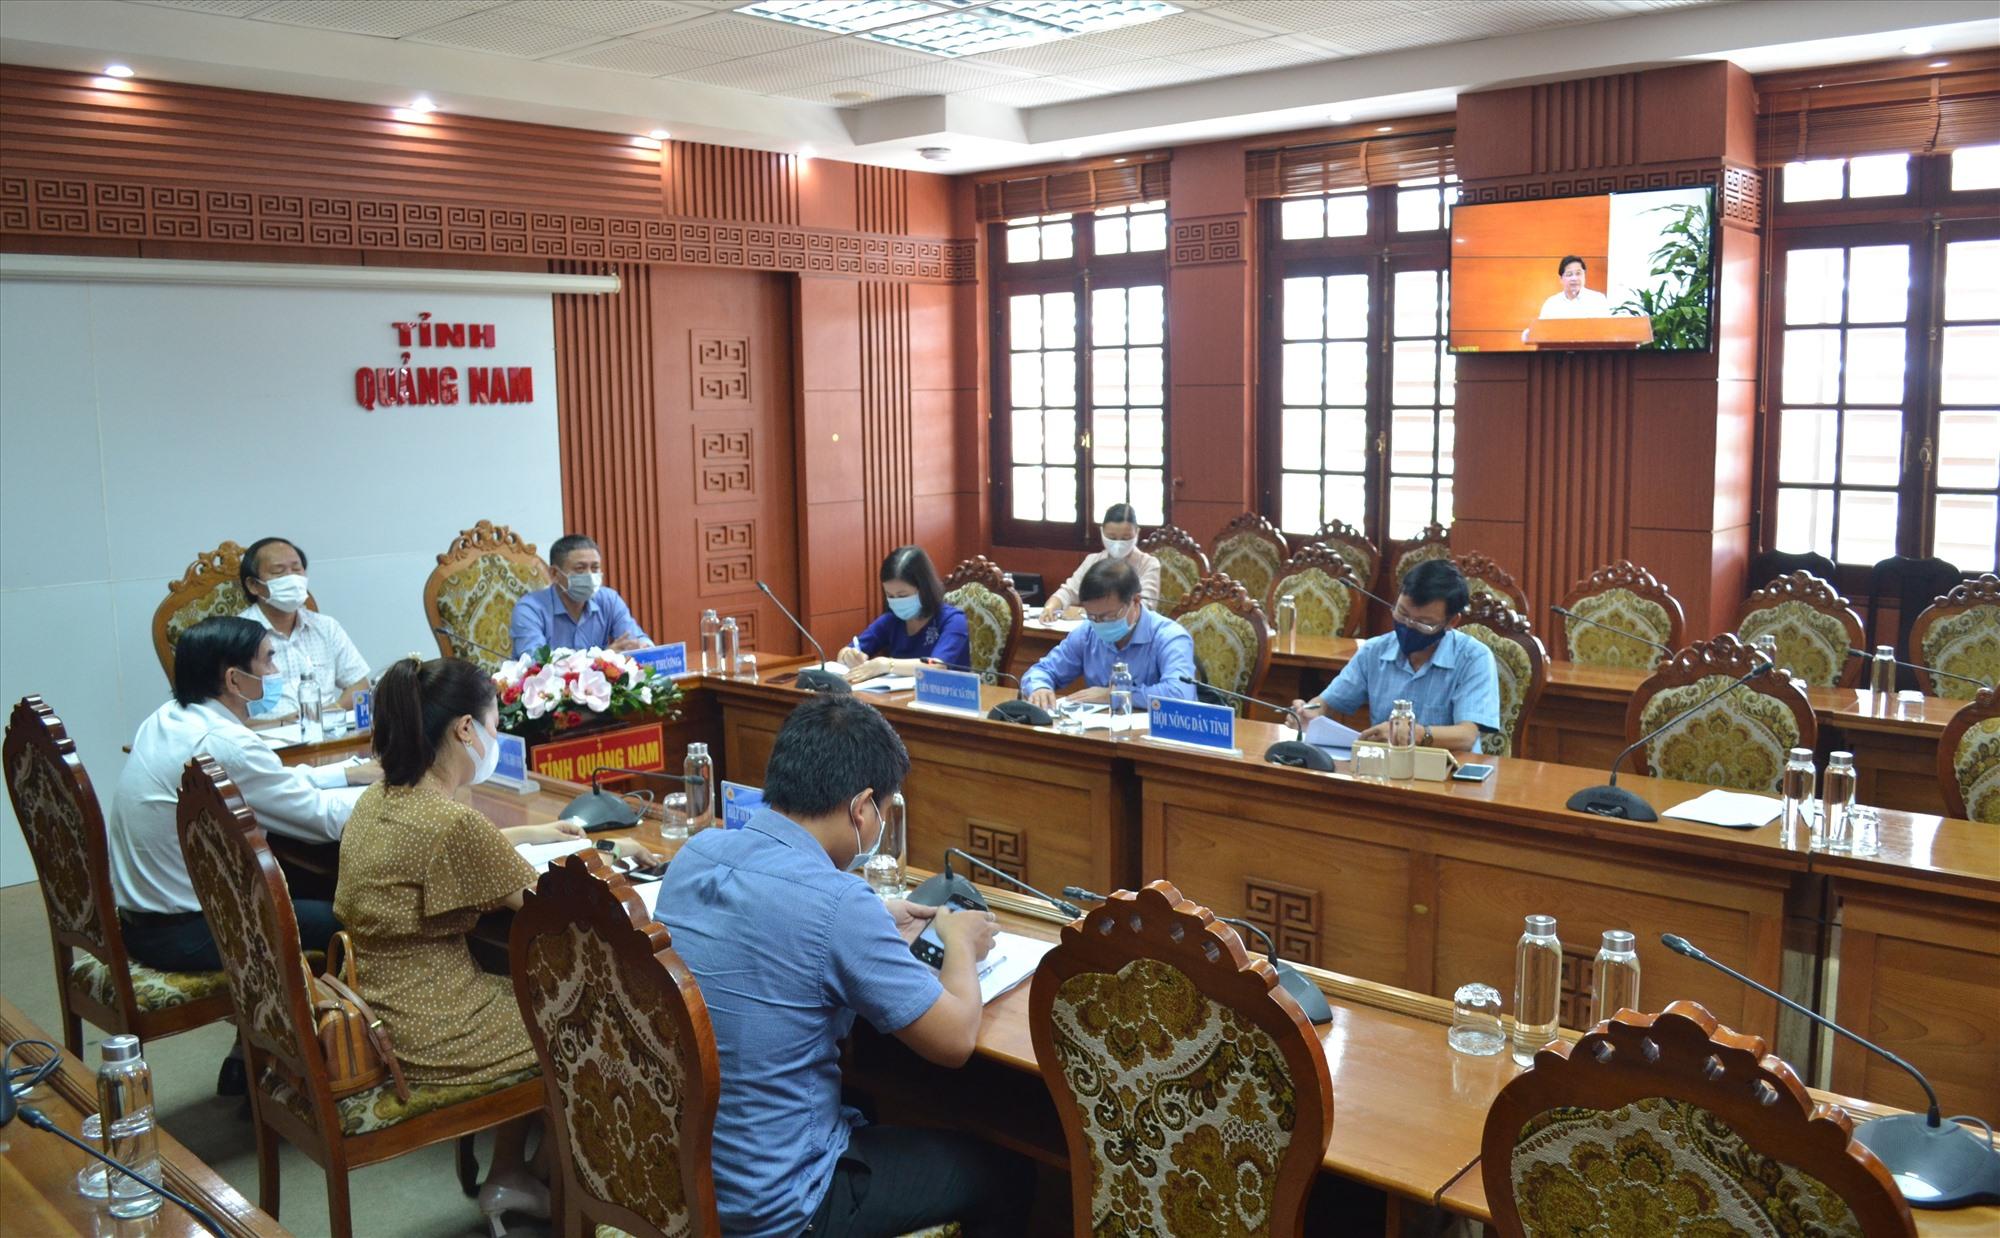 Quang cảnh hội nghị trực tuyến ở đầu cầu Quảng Nam.